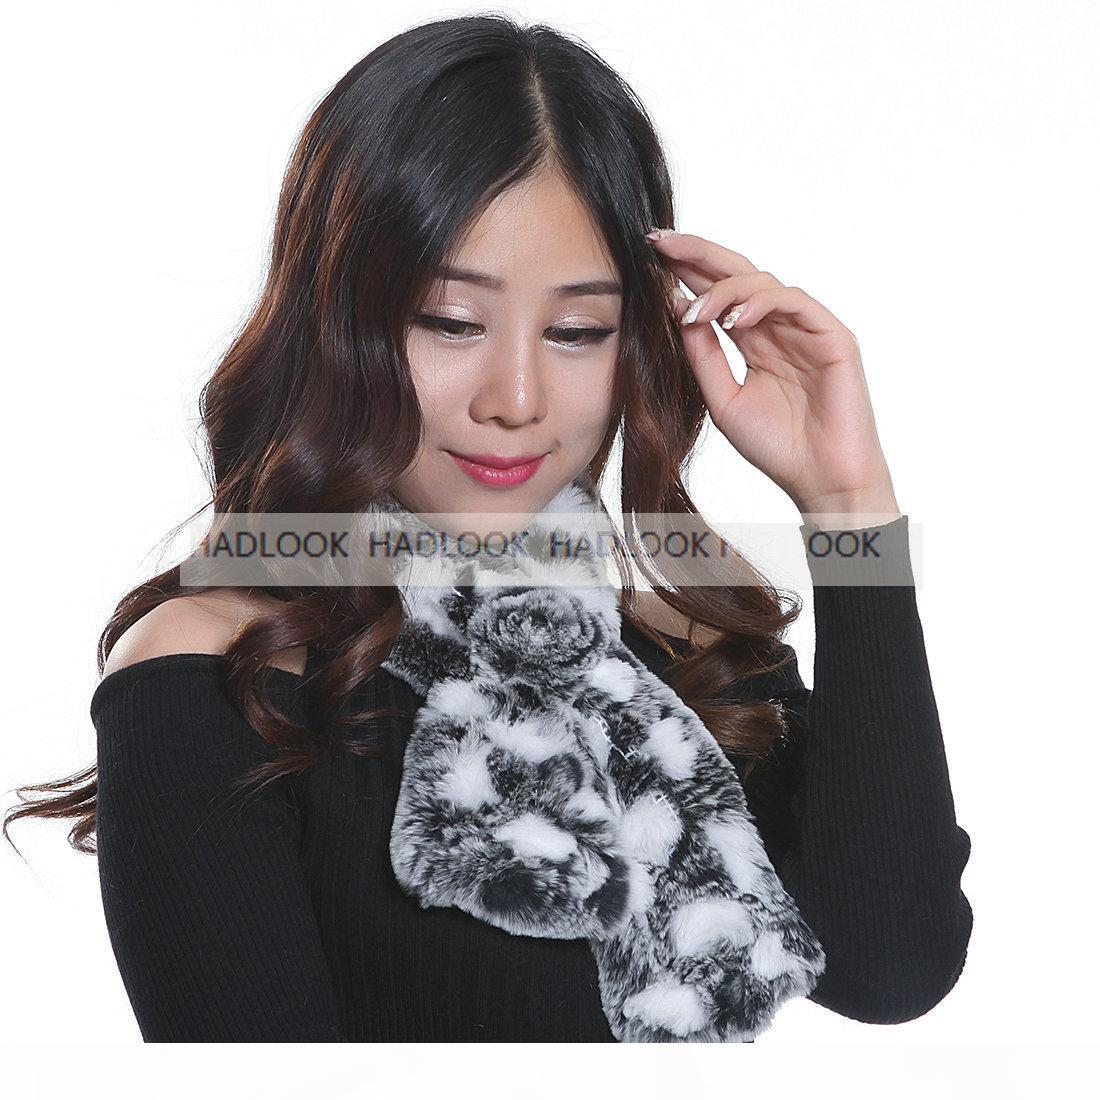 Femmes fourrure foulard fourrure fourrure foulards de lapin 12 couleurs véritables écharpes naturelles Cape de silencieux Cape Cape Cape chaud Chaud Hiver Châle Promotion Qualité Promotion